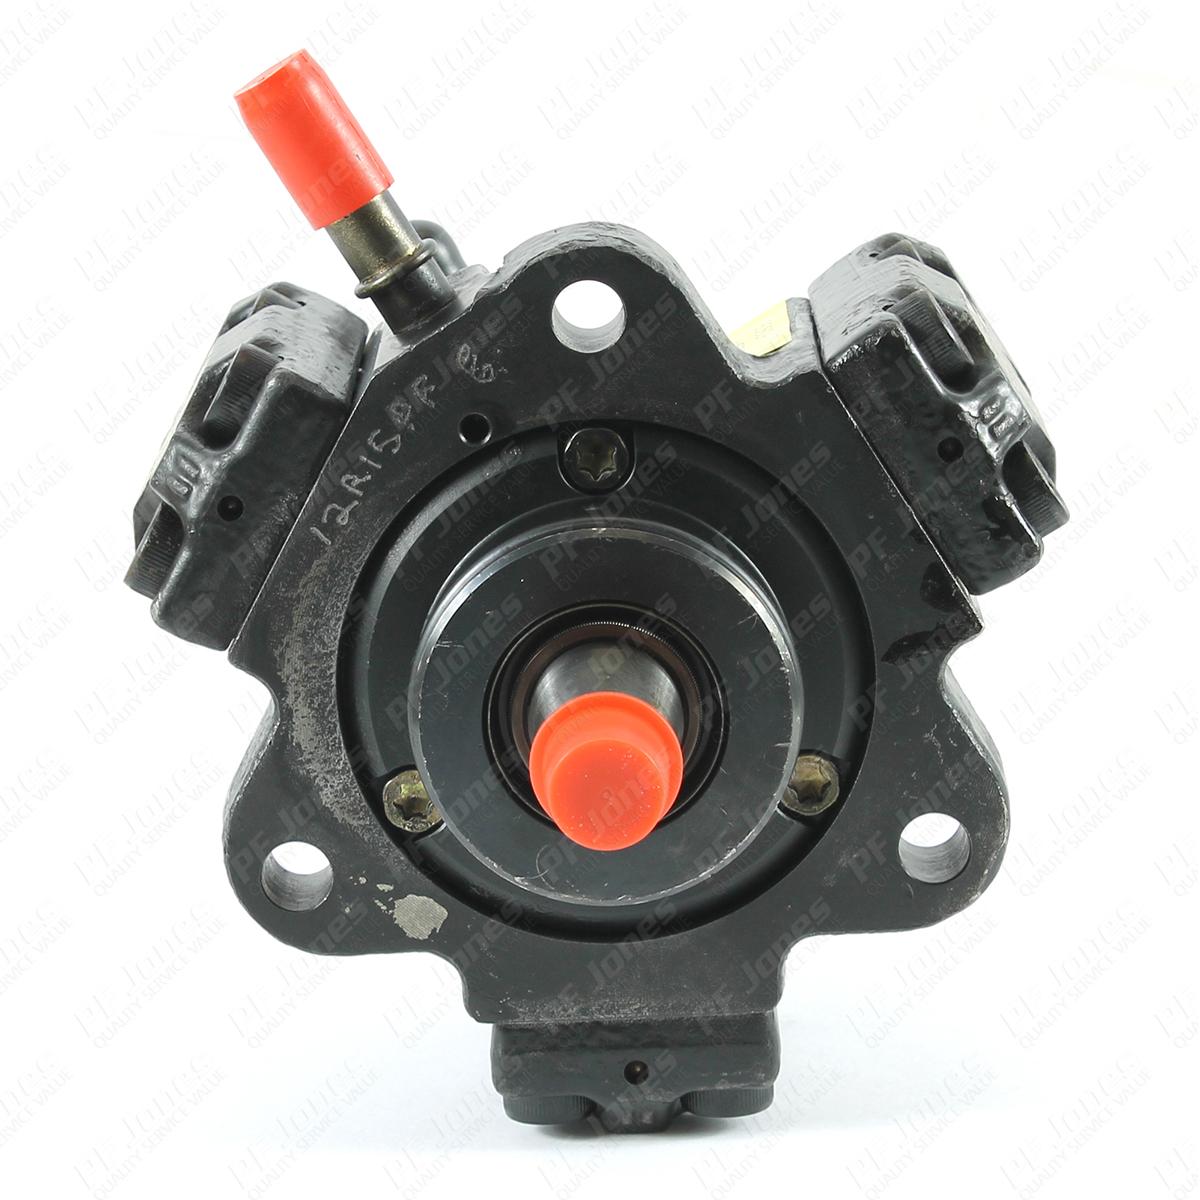 0445020040 - Bosch Diesel Pump